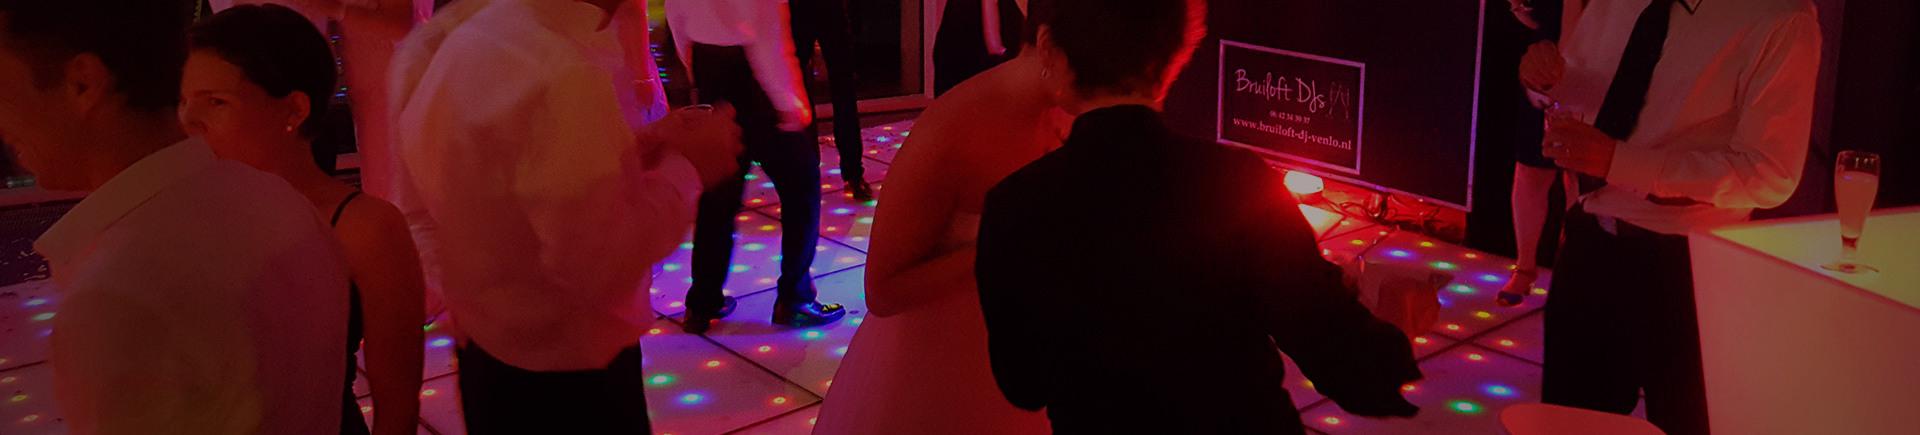 geweldig-feest-dj-dansen-party-deejay-dj-muziek-licht-geluid-huren-verhuur-dansvloer